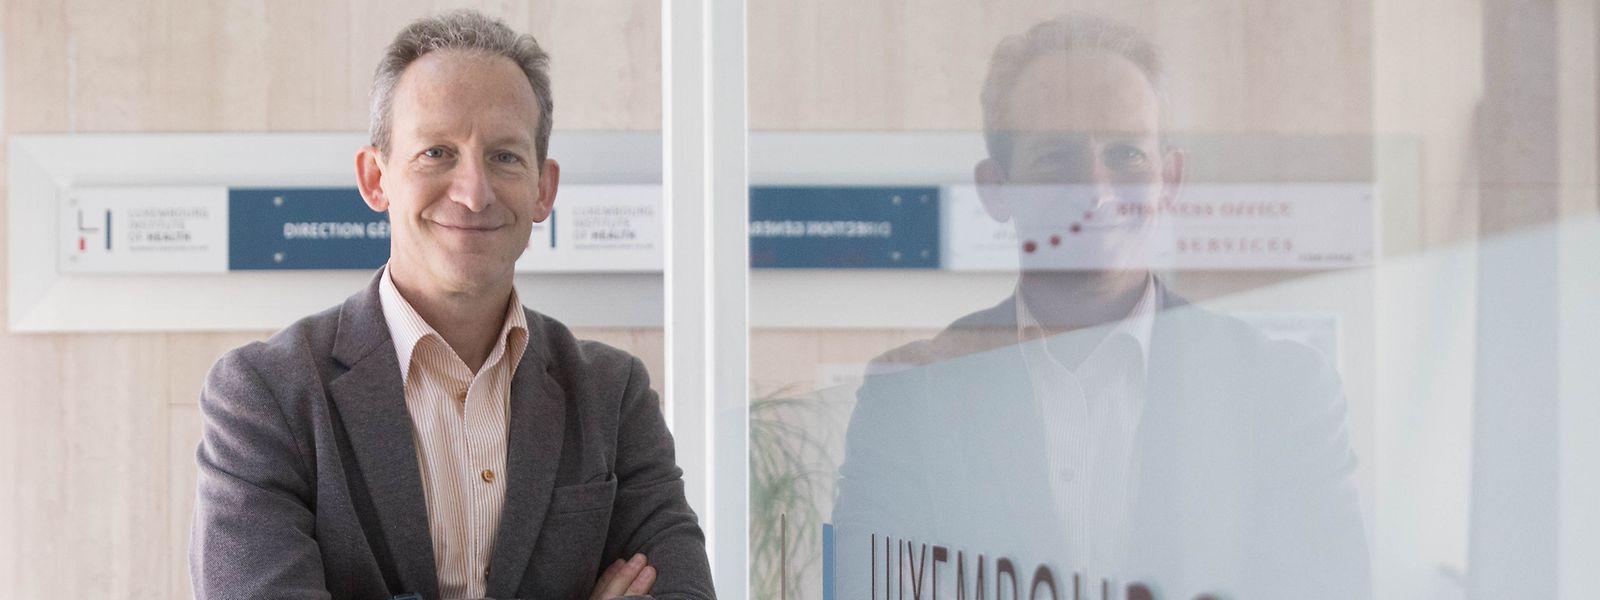 Der Lebensmittelwissenschaftler Torsten Bohn ist am Luxembourg Institute of Health in Strassen tätig.